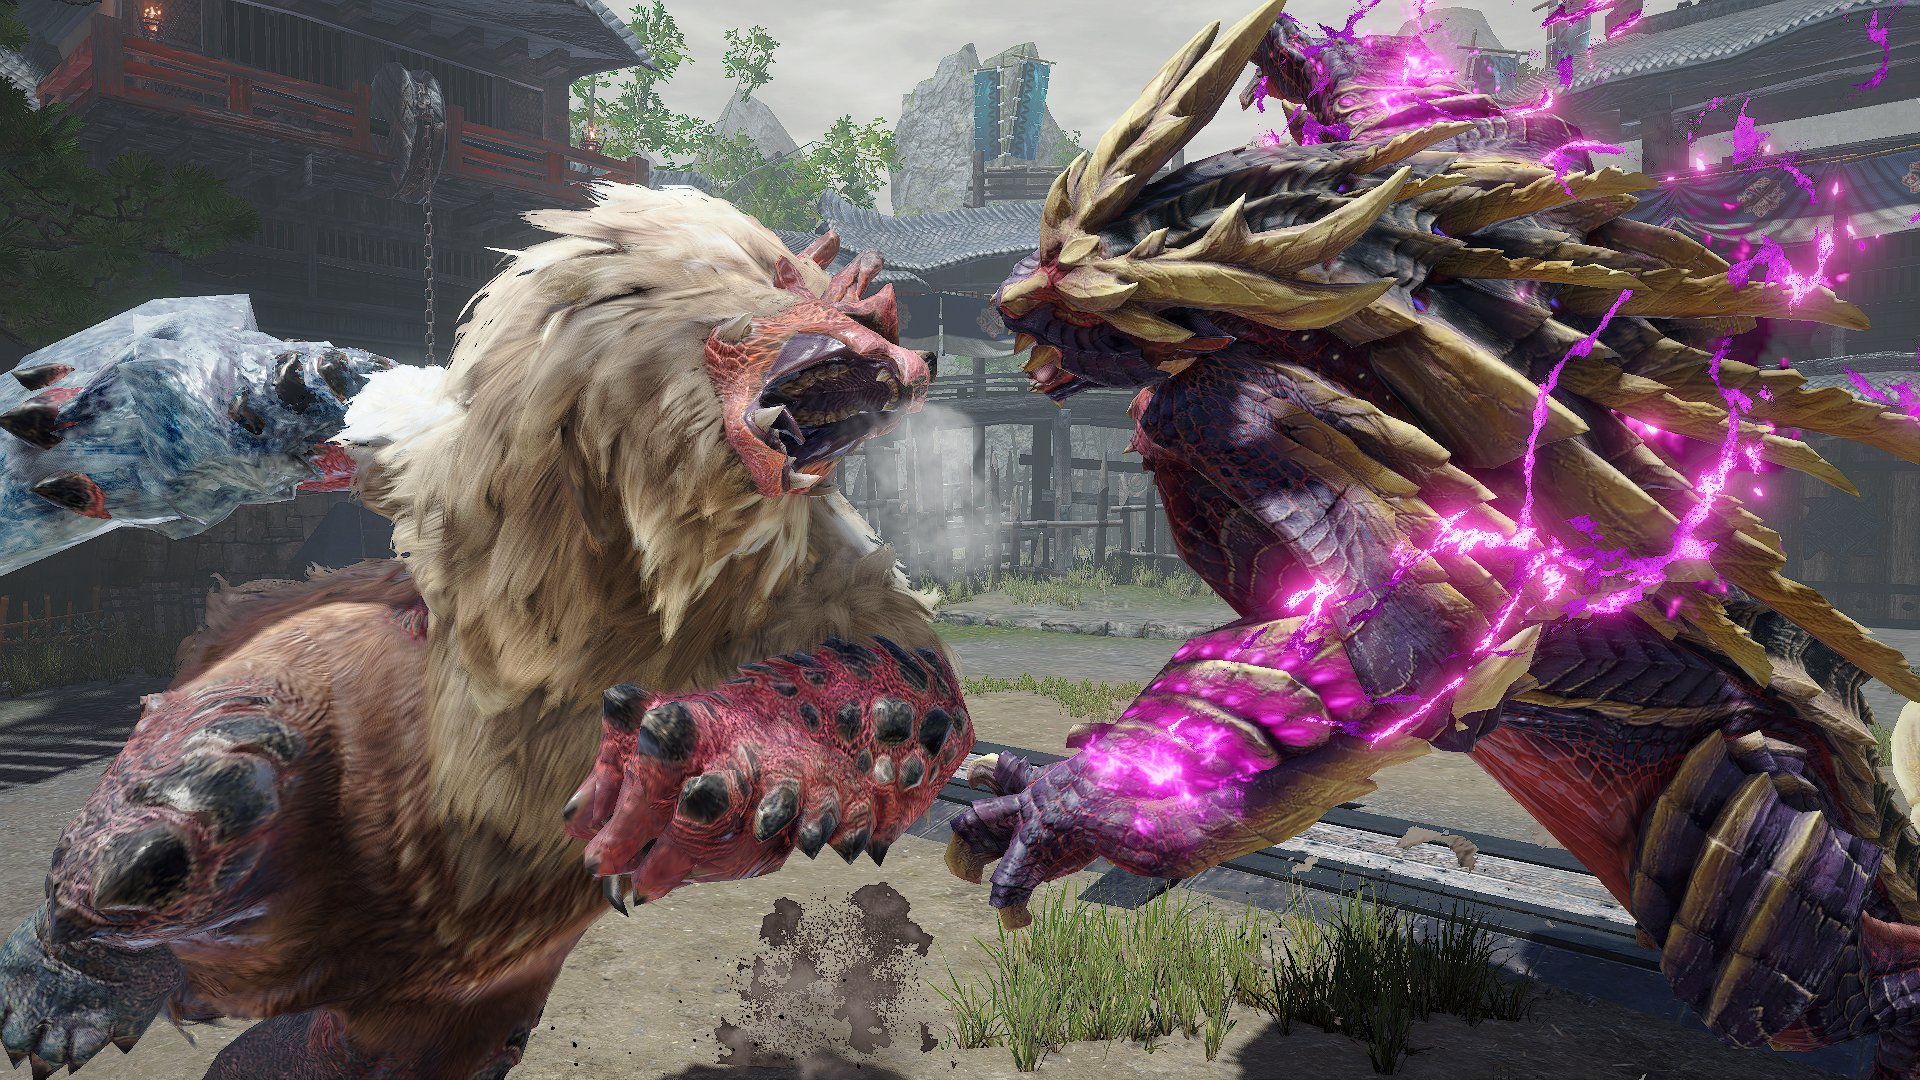 《怪物猎人 崛起》推送全新活动任务 完成可获得特殊称号奖励